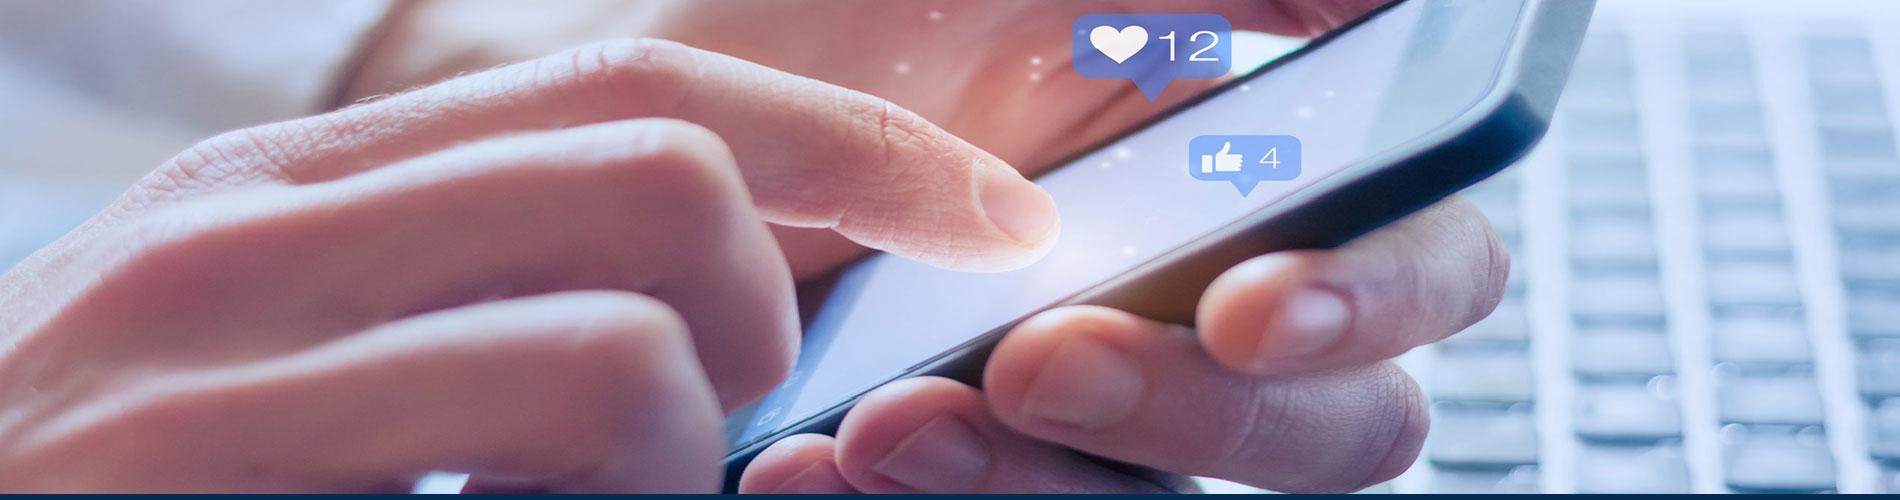 Social Media Marketing and Management Solutions from Kompass Media Dublin Ireland